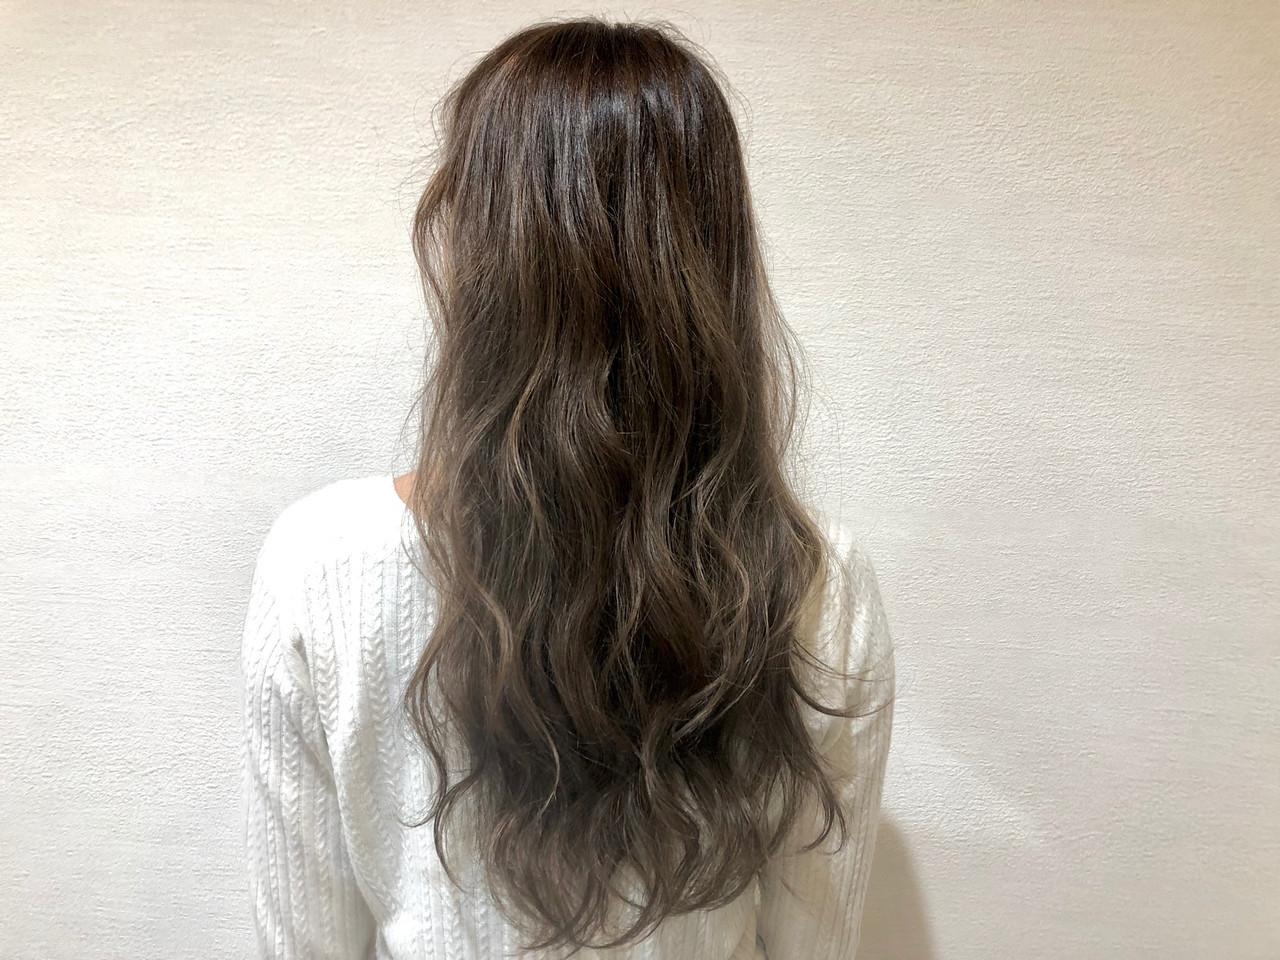 ロング 透明感カラー オリーブアッシュ レイヤースタイル ヘアスタイルや髪型の写真・画像